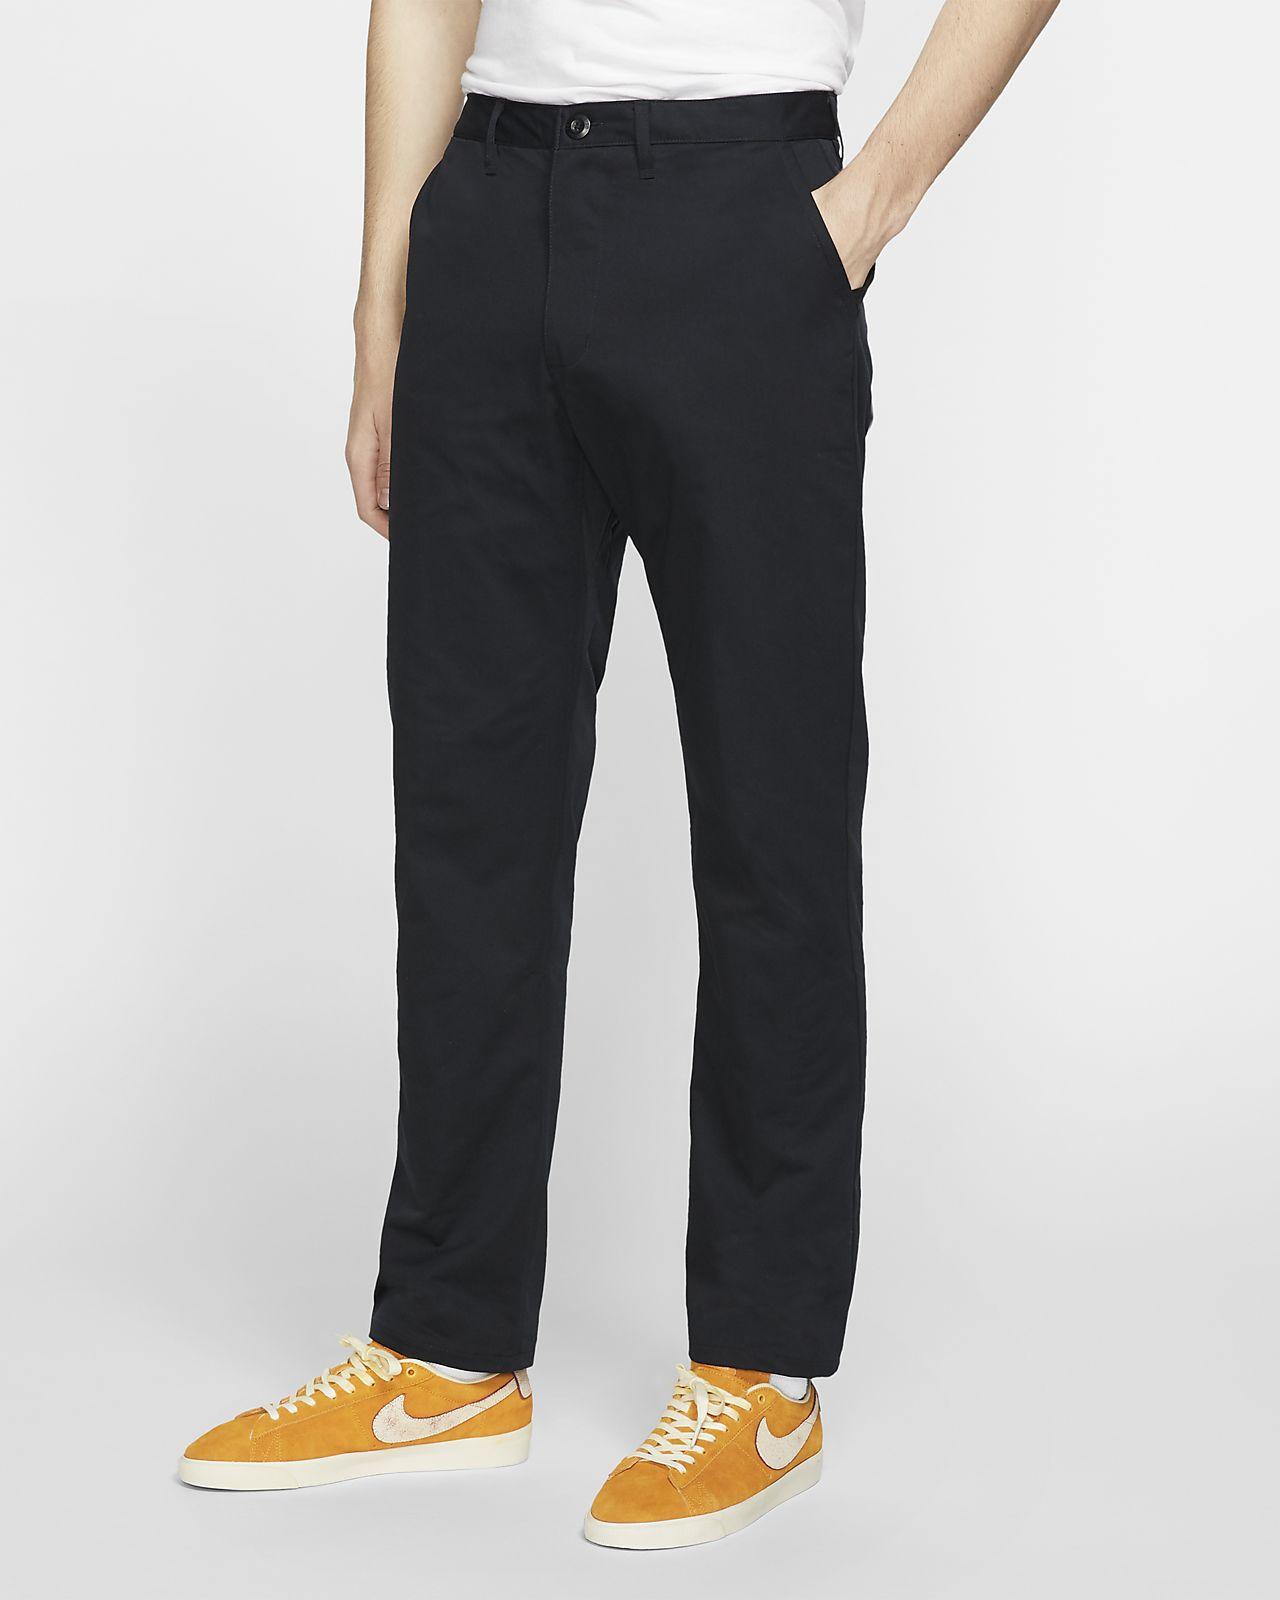 36e9a75fd5ab Nike SB Dri-FIT FTM Men s Standard Fit Pants. Nike.com